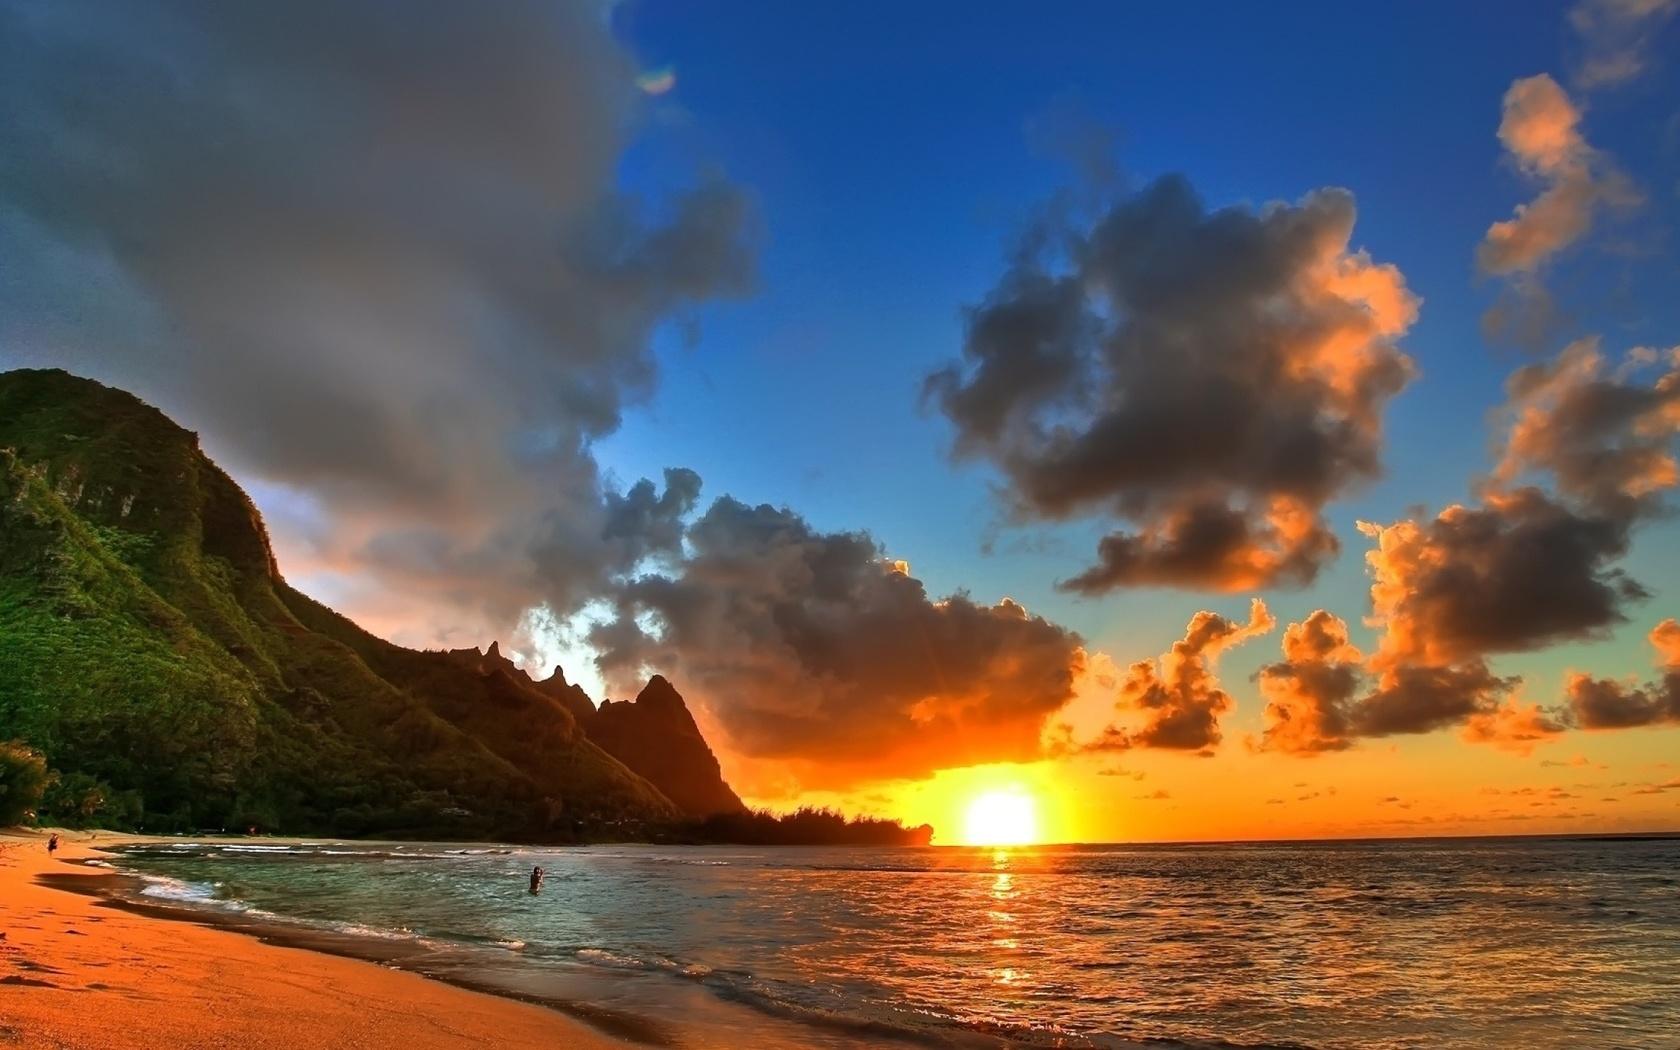 месяц красивые фото моря и пляжа агутин белом костюме